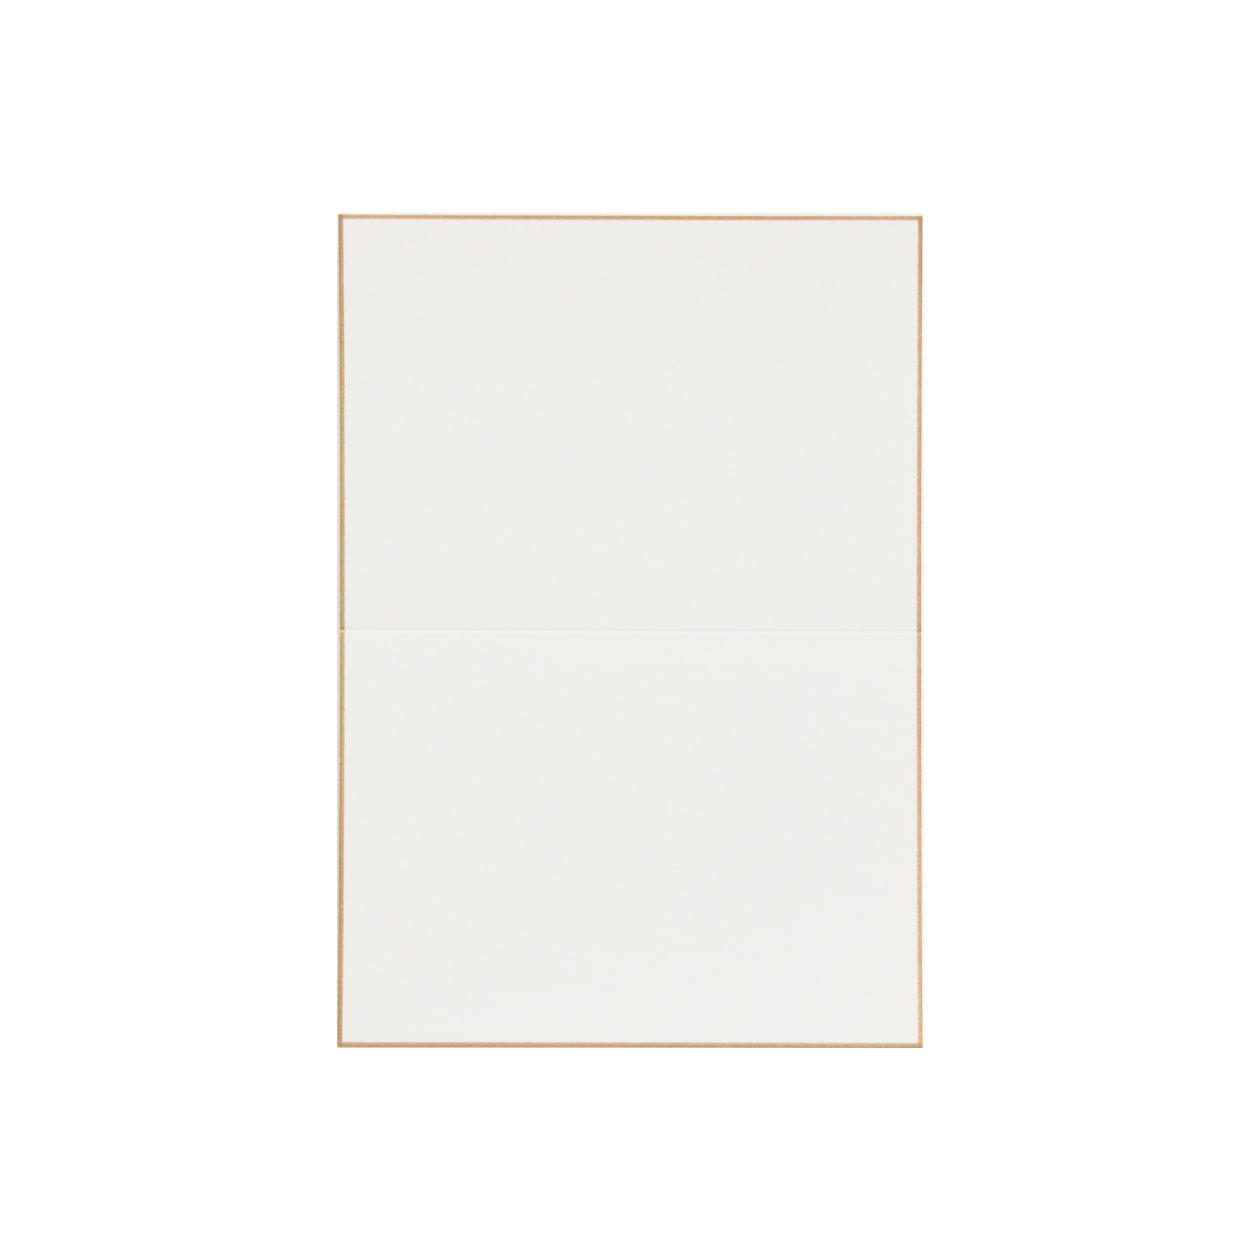 No.56ボーダード PVカード ゴールドスノーホワイト 232.8g